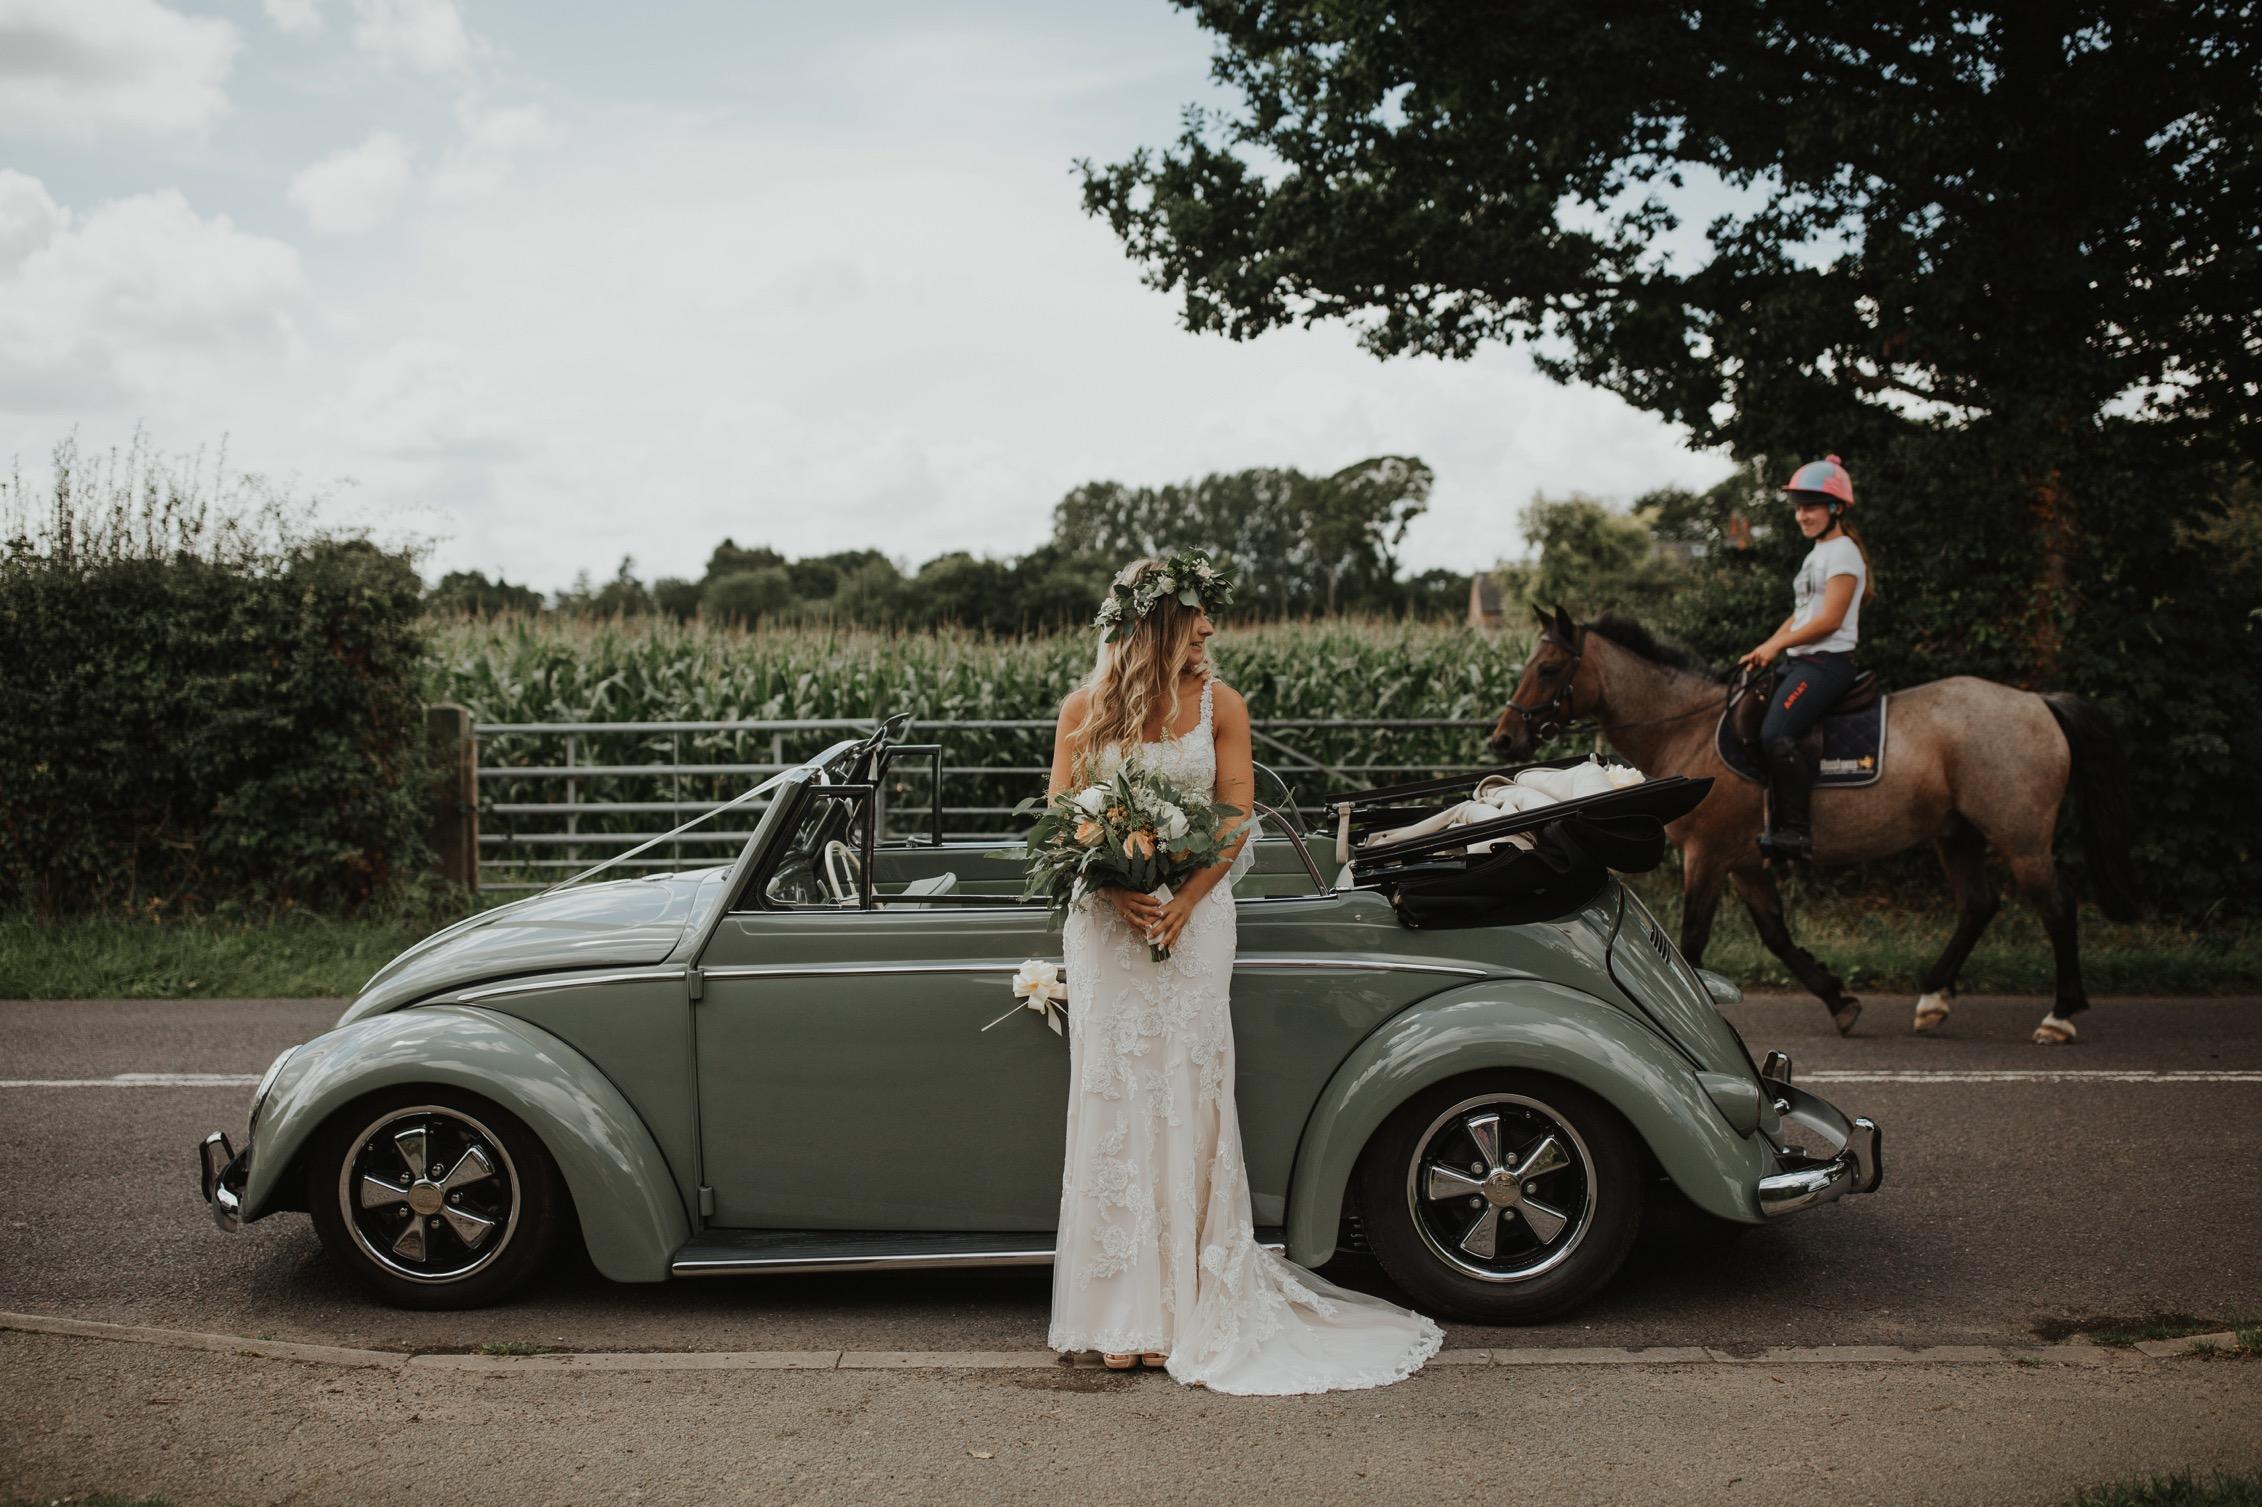 2017 wedding 2017 0062.jpg